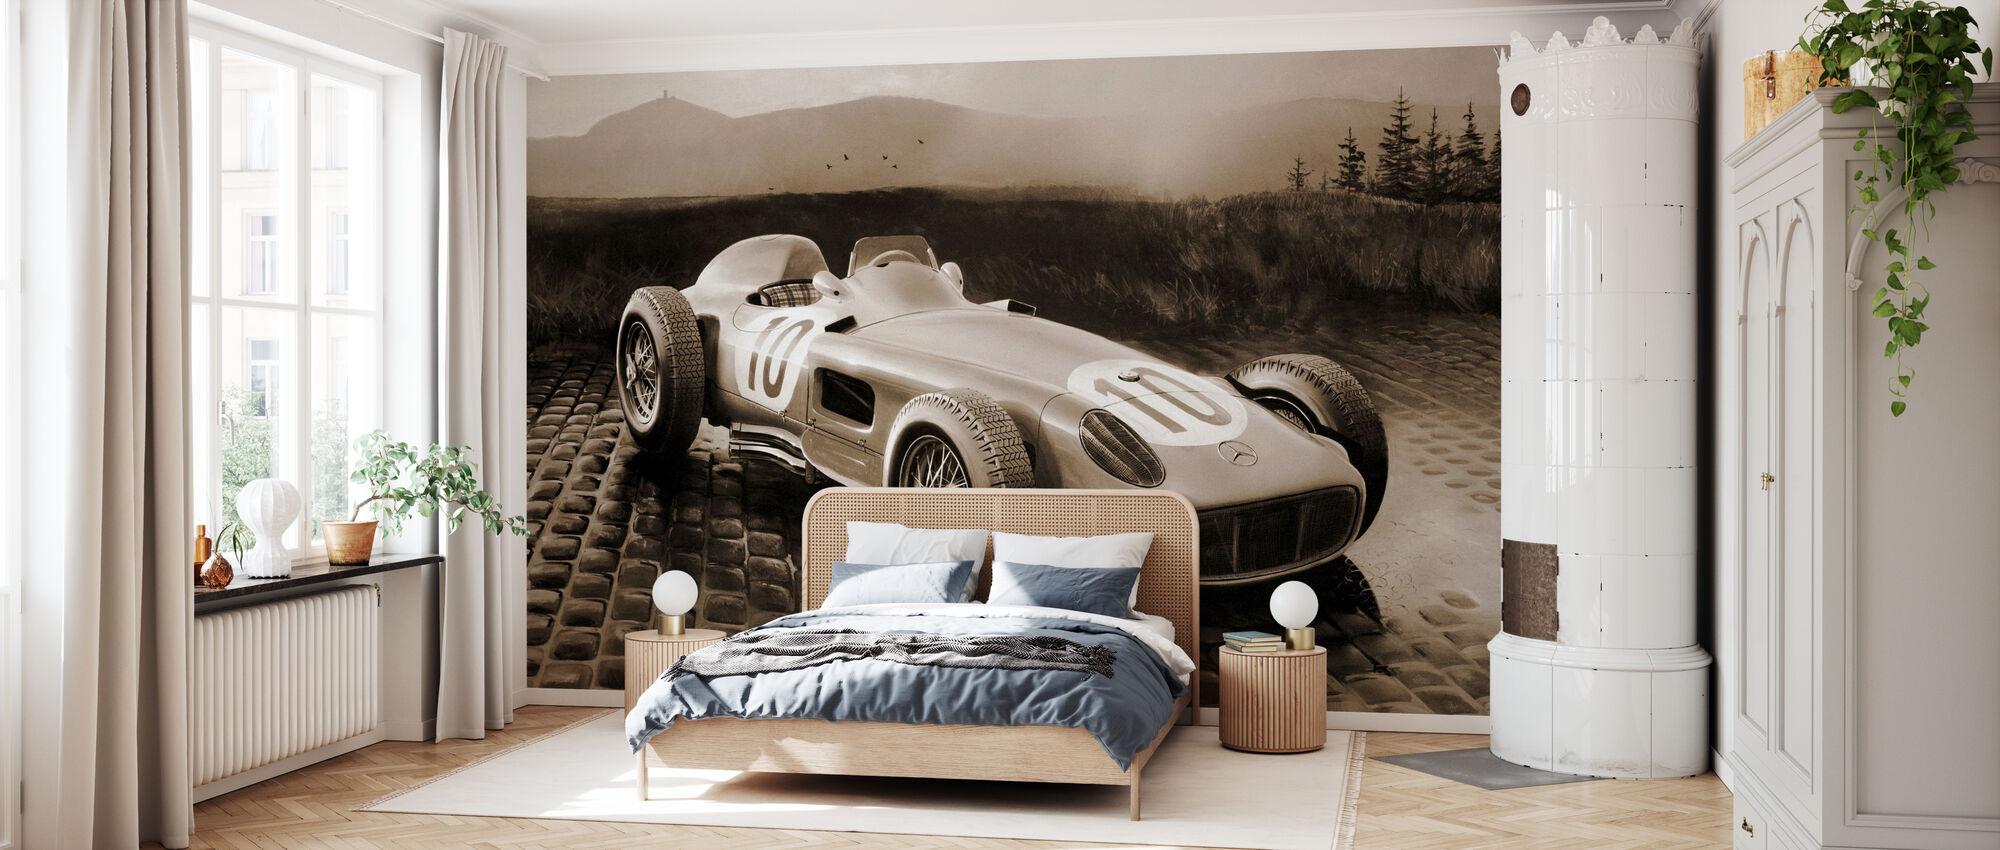 Car 1954 Sepia - Wallpaper - Bedroom